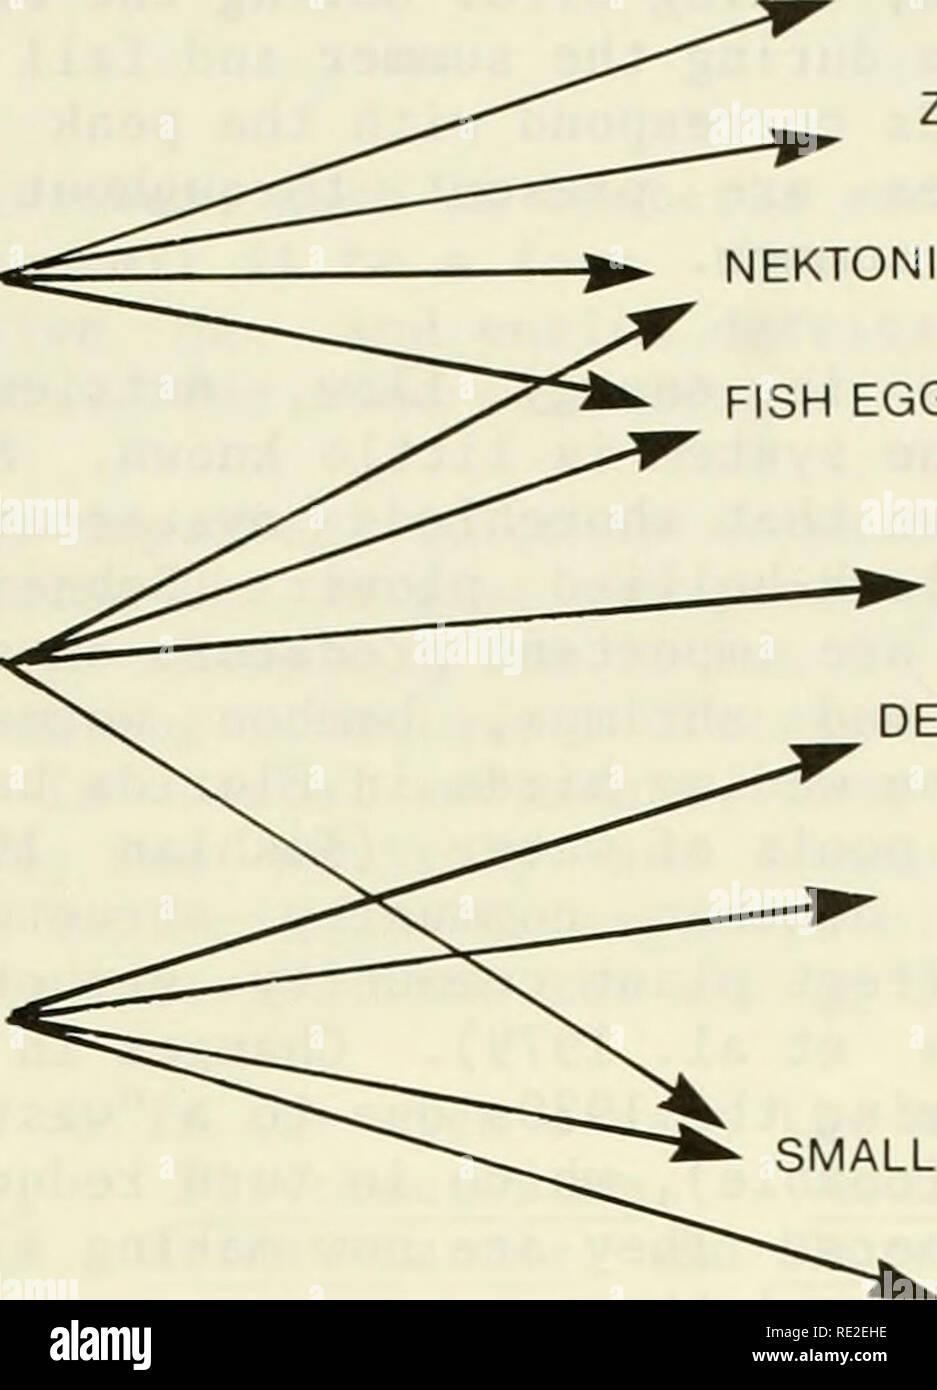 . An ecological characterization of Coastal Maine (north and east of Cape Elizabeth). Coastal ecology -- Maine. FEEDING HABITS FOOD RESOURCES PHYTOPLANKTON ZOOPLANKTON PLANKTONIC ^^^ >. NEKTONIC CRUSTACEANS FISH EGGS AND LARVAE LARGE FISHES NEKTONIC DETRITUS, ALGAE POLYCHAETES DEMERSAL AND ^ ^ MOLLUSCS SEMIDEMERSAL SMALL FISHES, SQUID CRUSTACEANS Figure 5-25. Feeding habits of estuarine fishes. invertebrates and vertebrates of the strand line (the supratidal zone where a community develops on the macroalgae that washes ashore). Shorebirds eat mostly intertidal mudflat invertebrates (i.e.,  Stock Photo